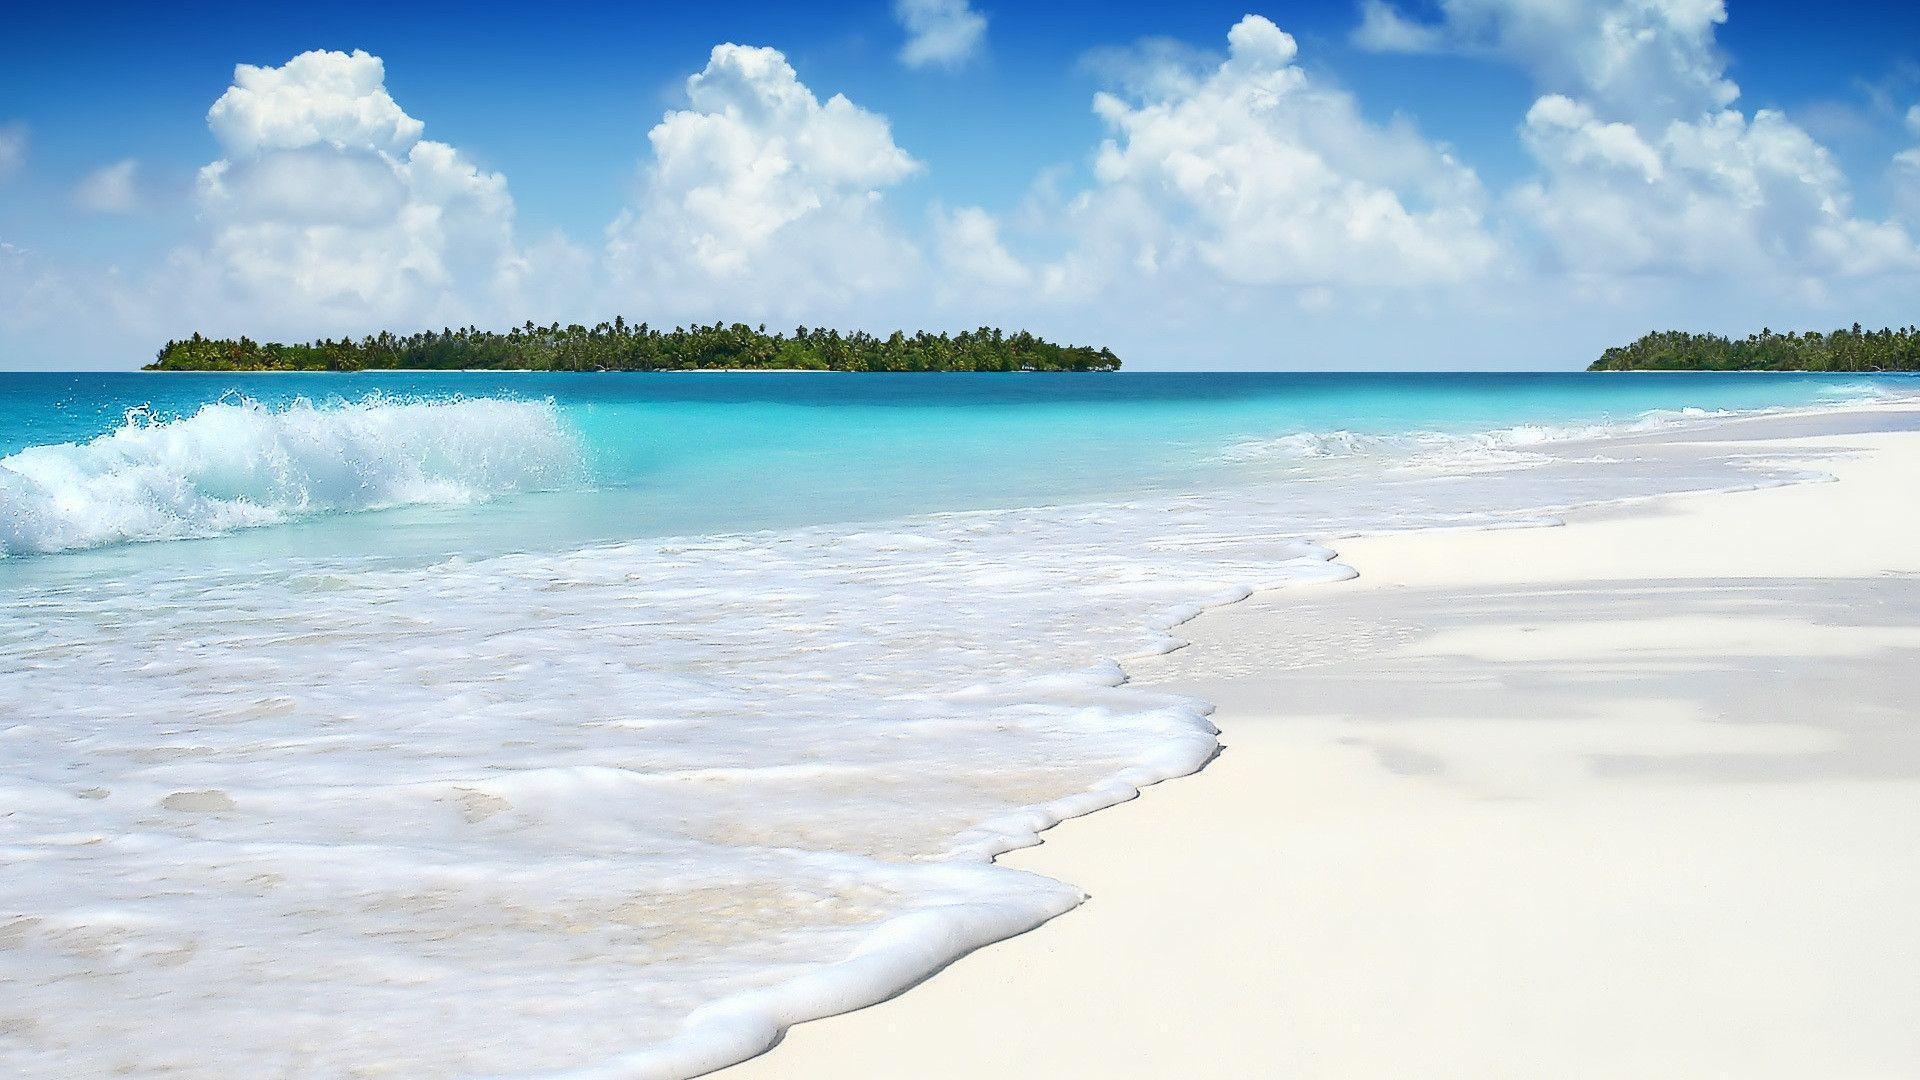 High Resolution Beach Wallpaper: 3D Beach Wallpapers